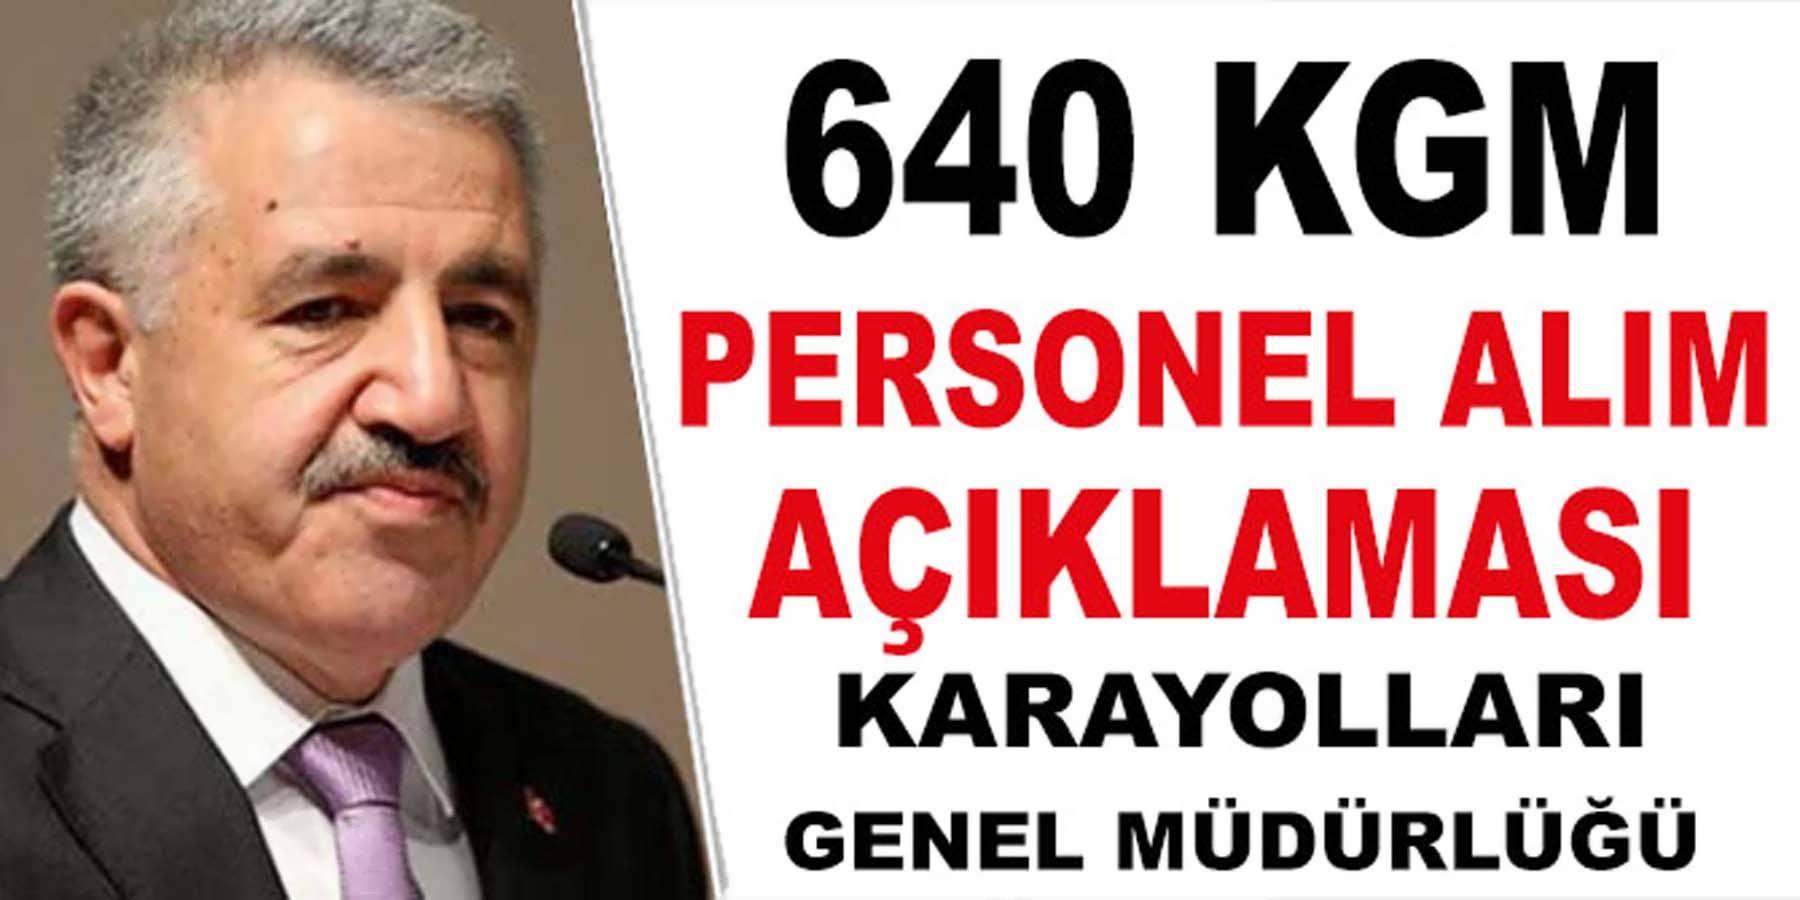 Bakan Arslan'dan 640 KGM Personel Alımı Açıklaması